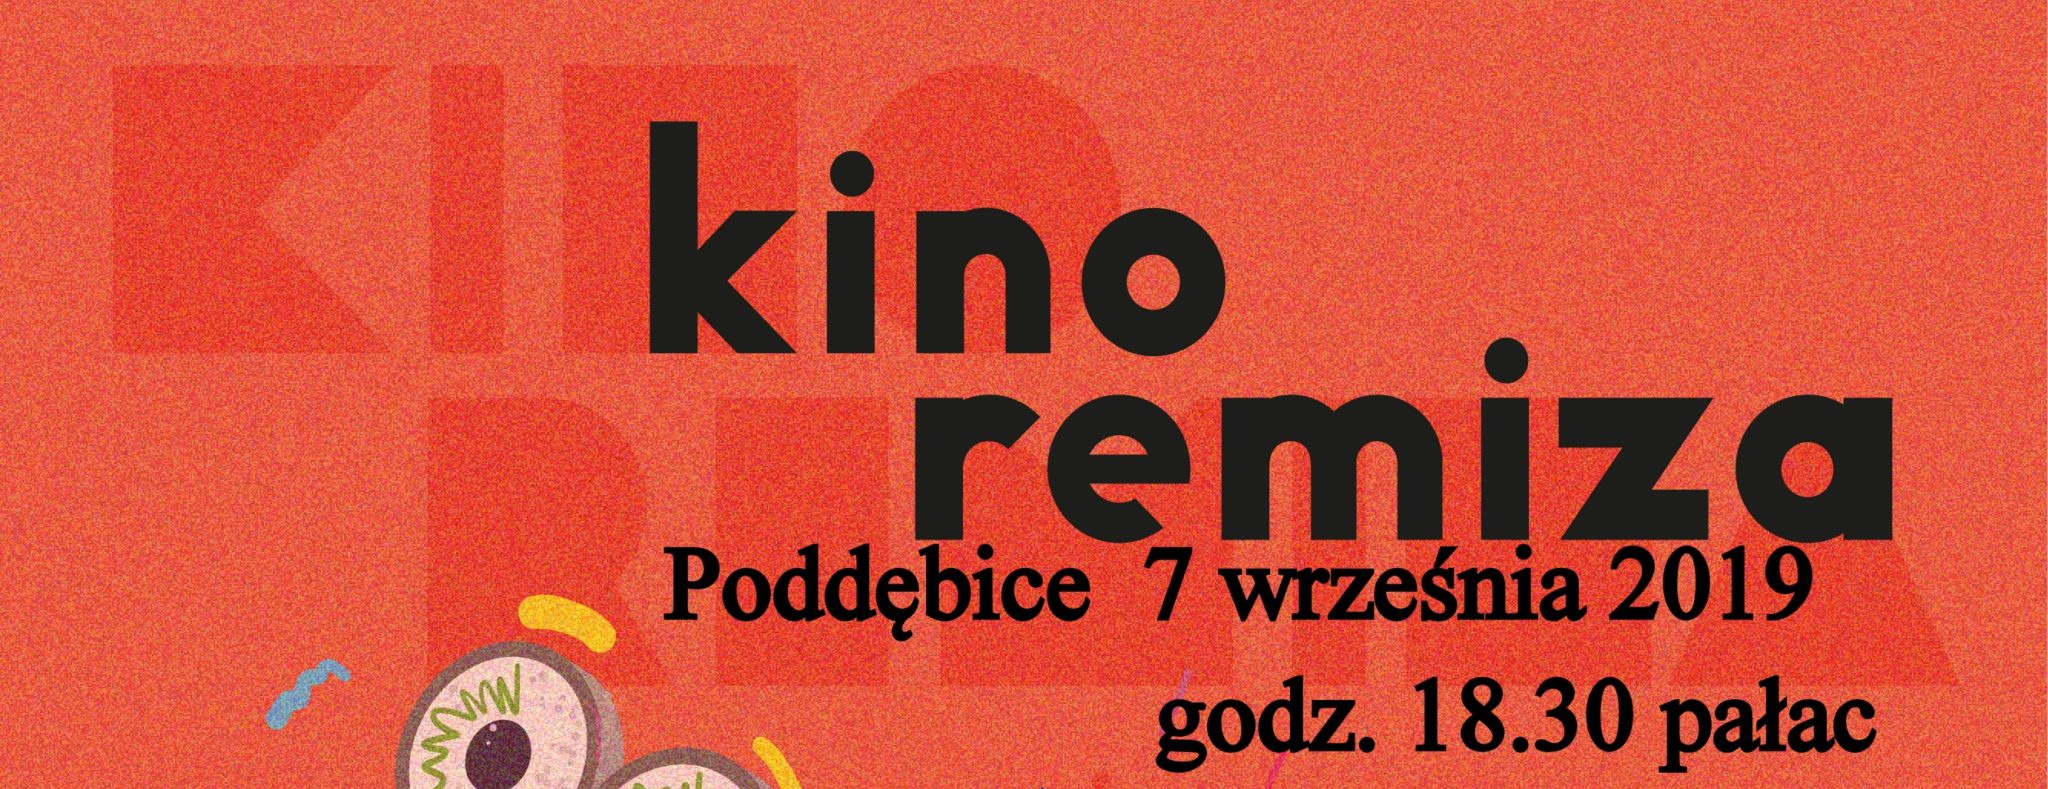 Kino Remiza w Poddębicach spotkanie 2